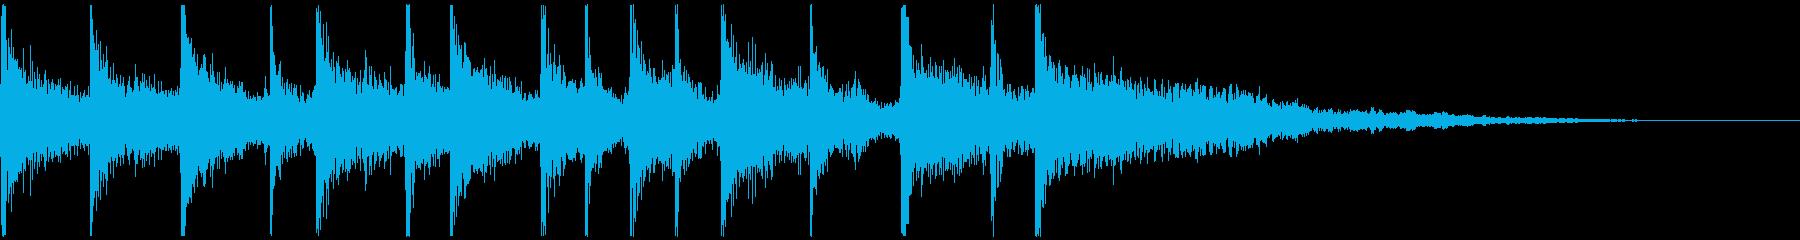 親しみやすいメロディのジングルの再生済みの波形